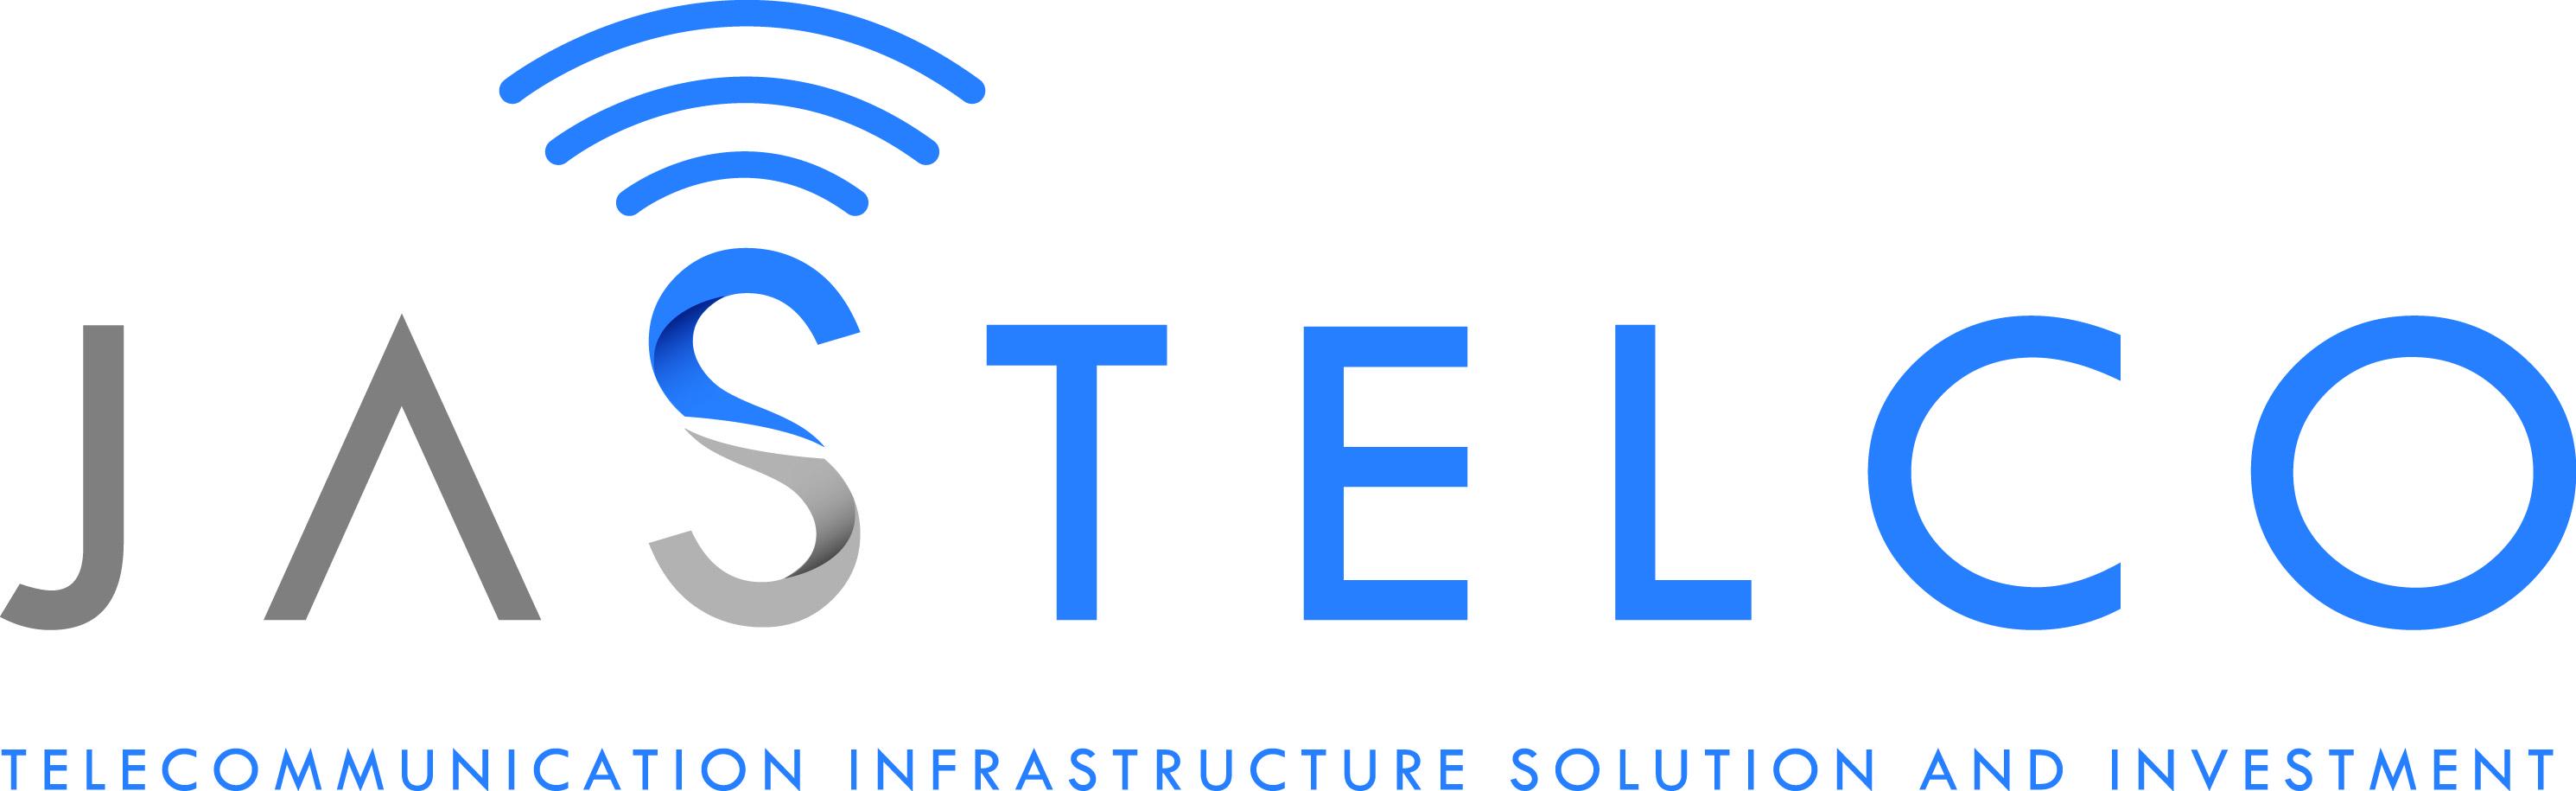 Logo Perusahaan Jastelco